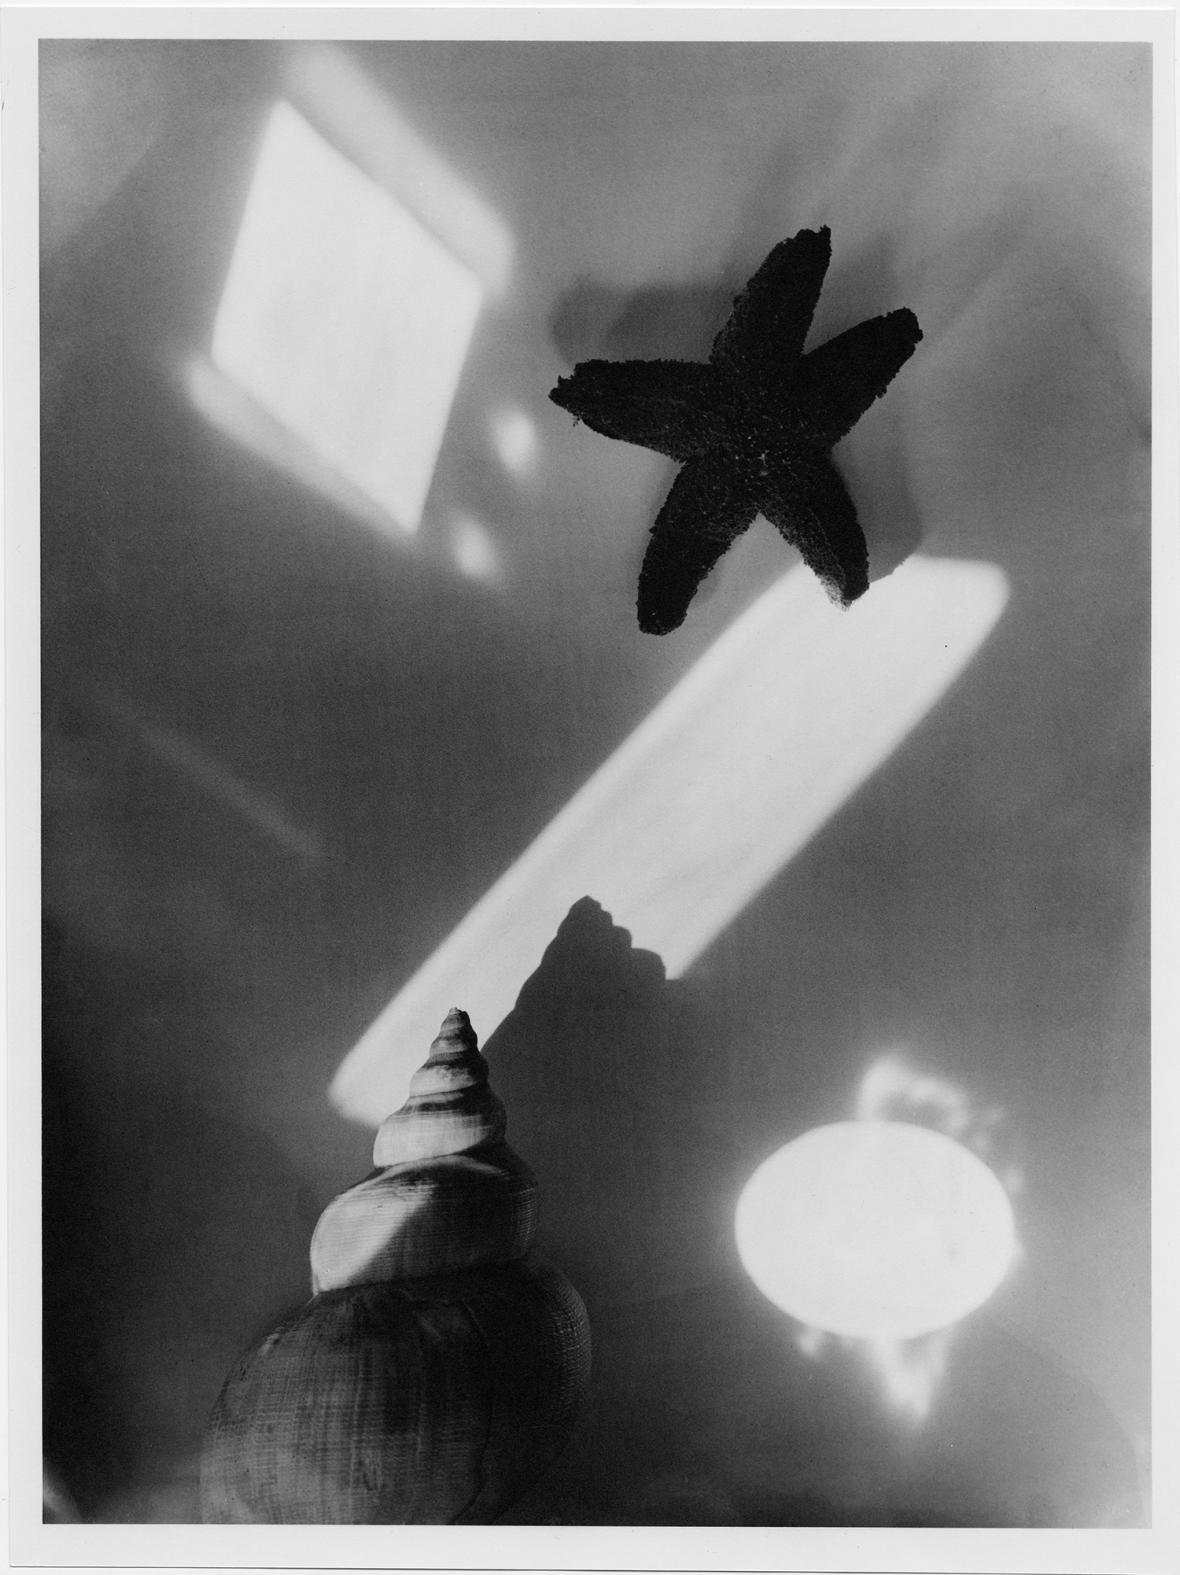 Jaromír Funke / Exotické zátiší, 1928-29